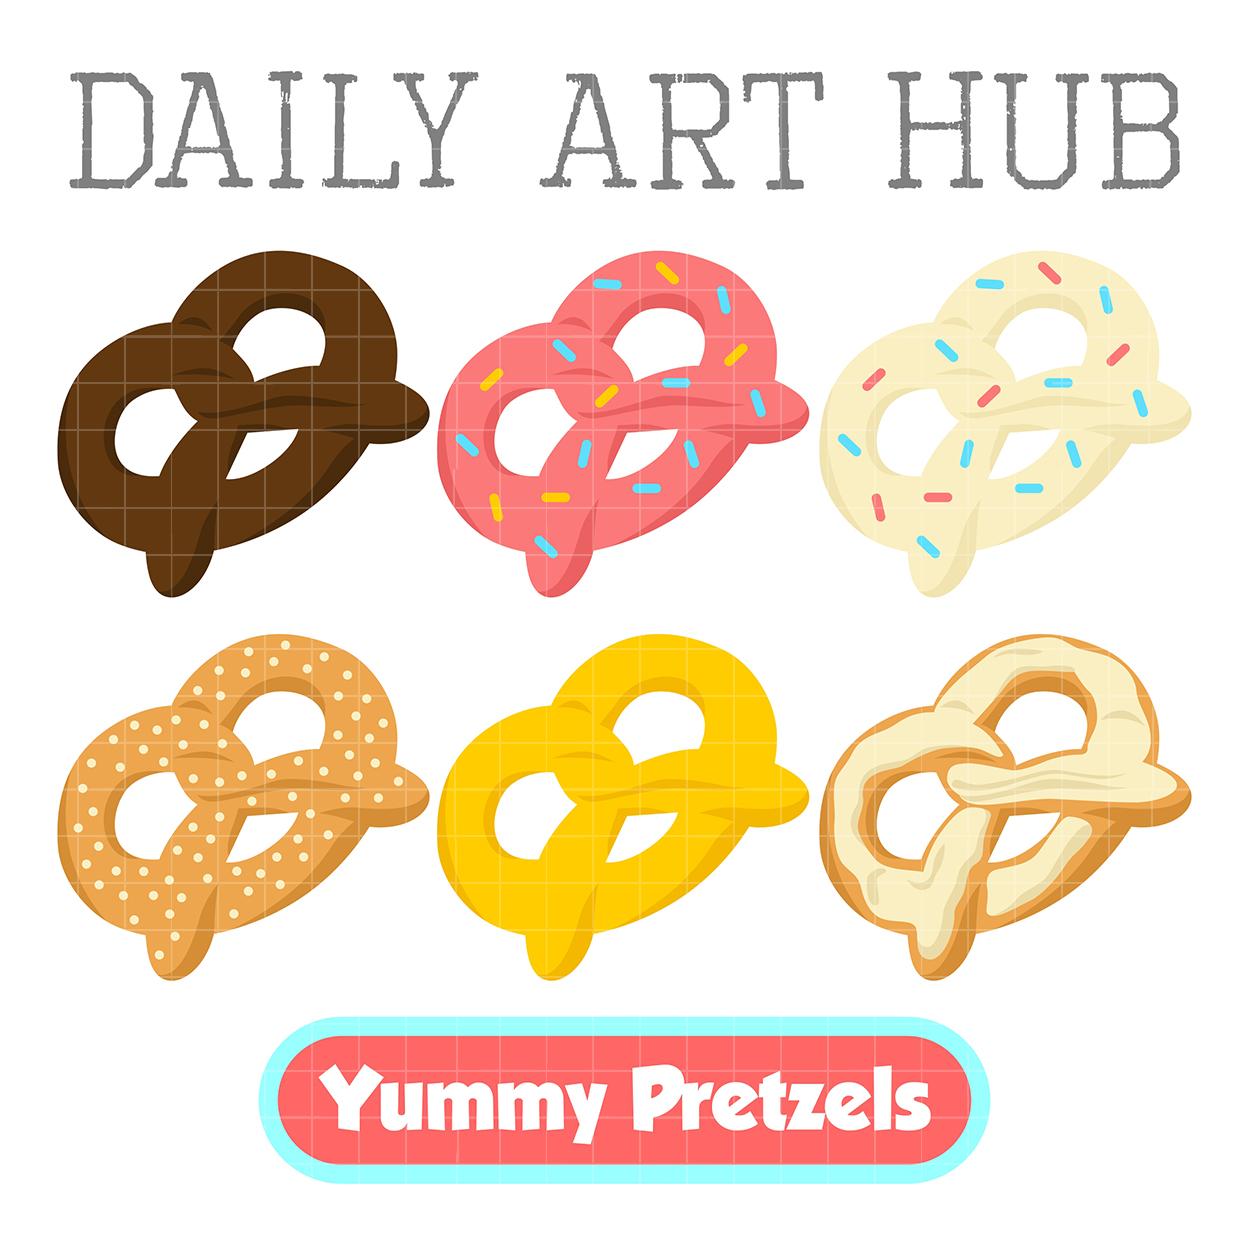 Yummy pretzels clip art. Pretzel clipart